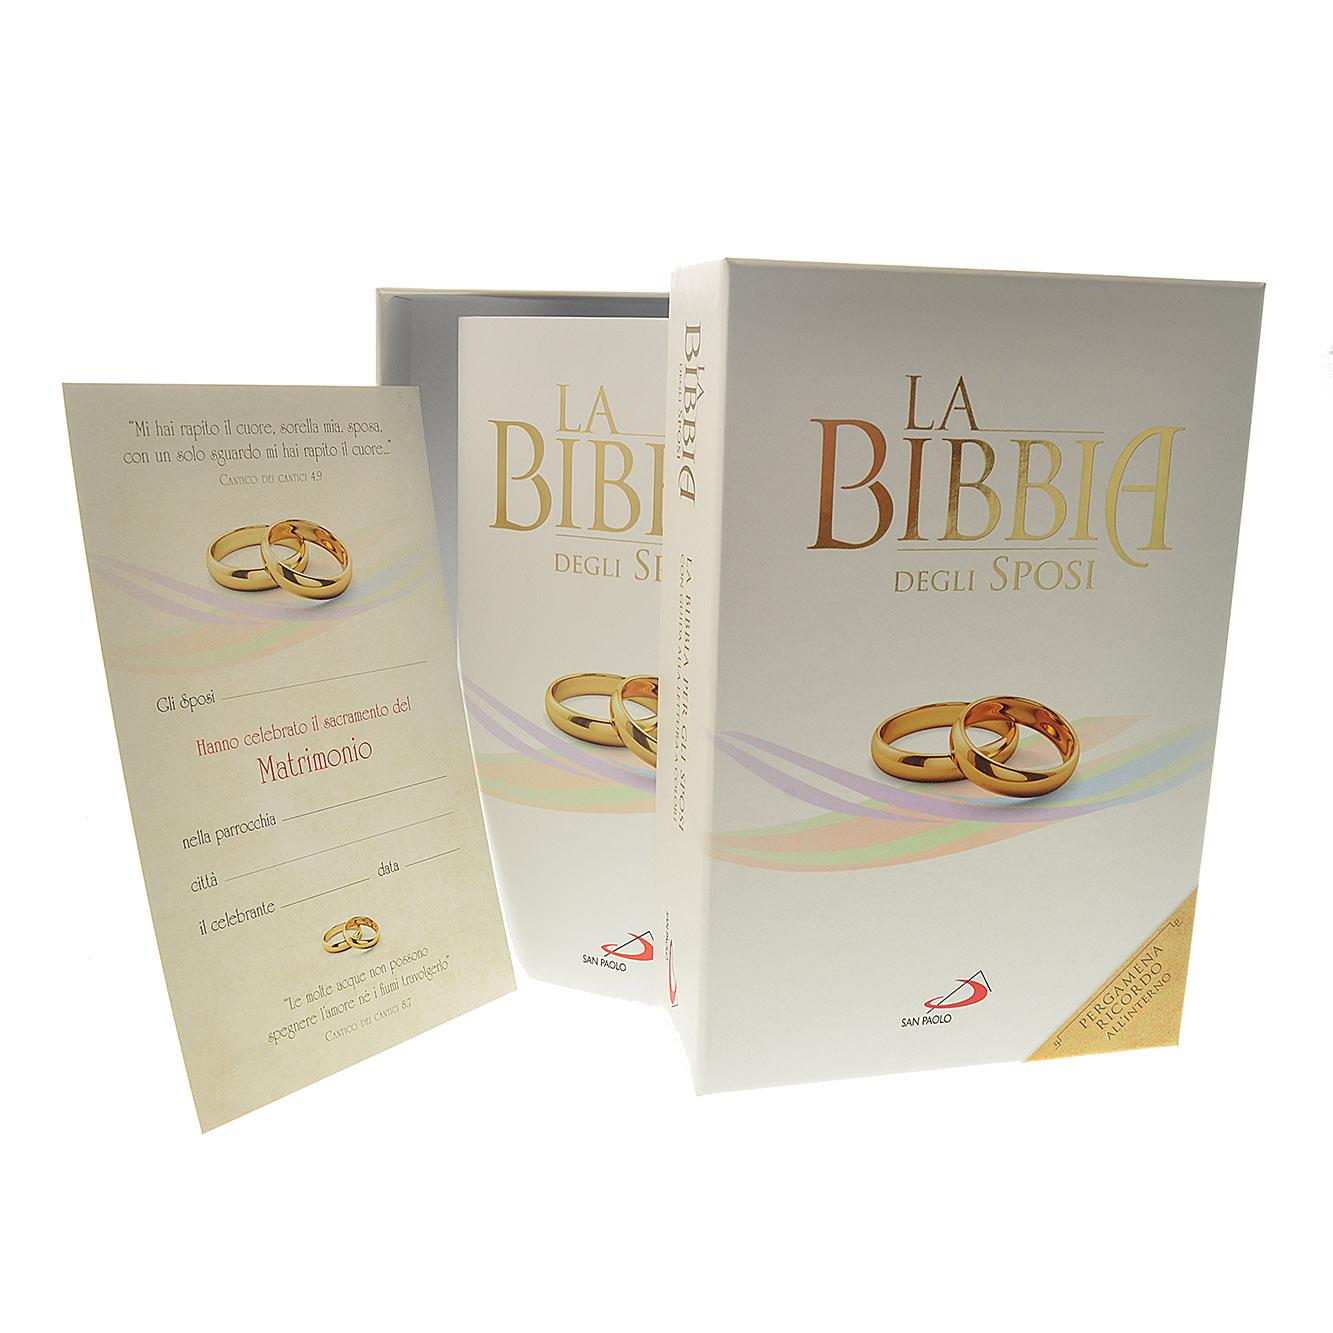 Anniversario Di Matrimonio Bibbia.La Bibbia Degli Sposi Edizione Con Scatola E Pergamena Libro